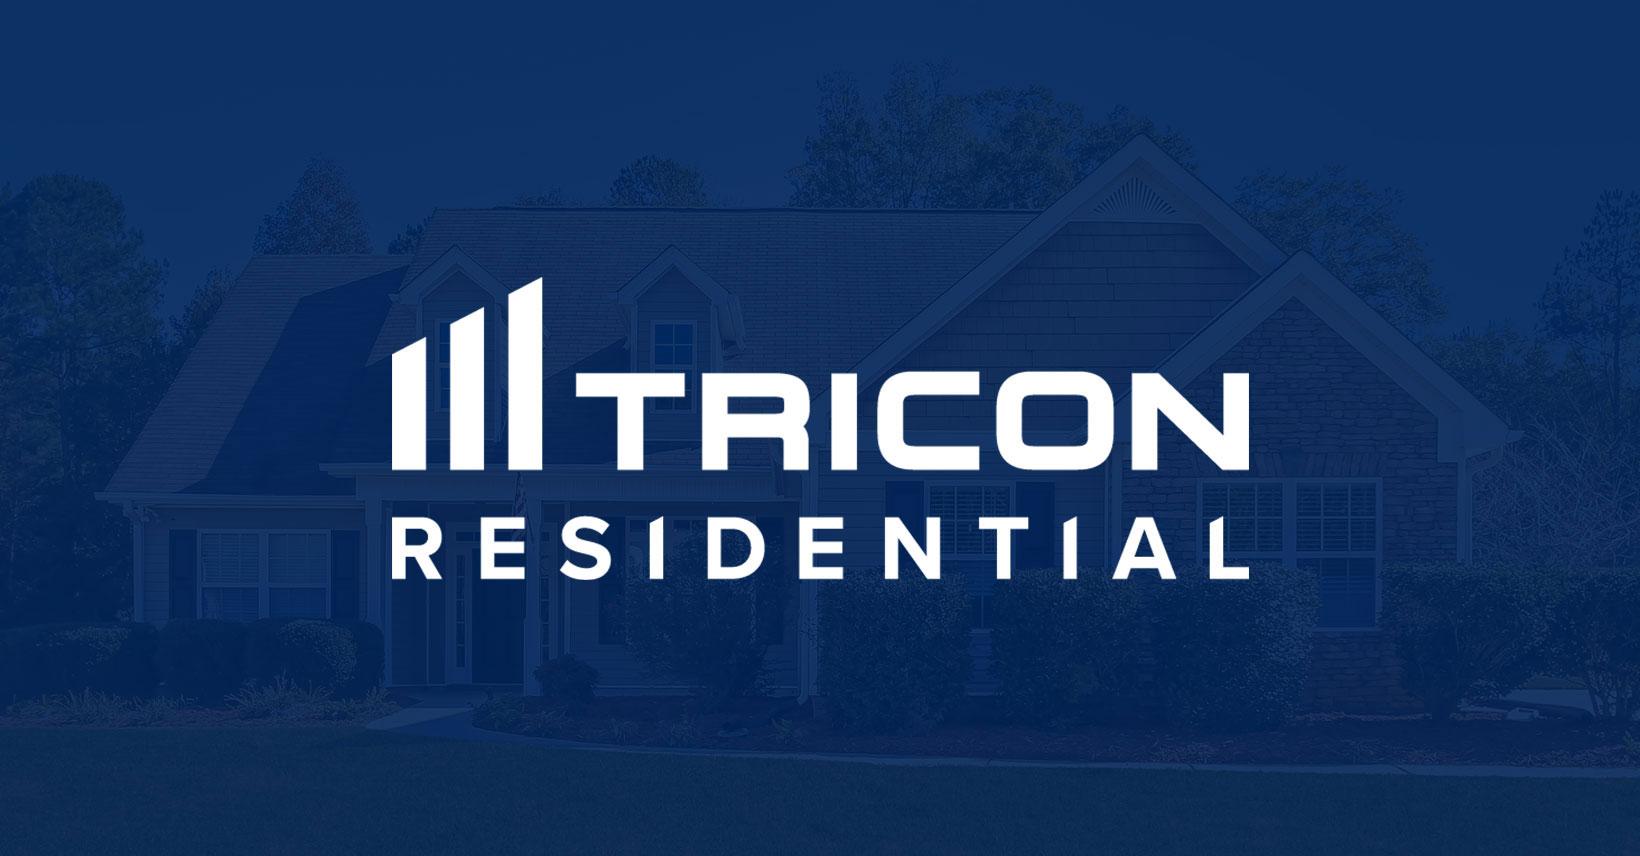 triconresidential.com